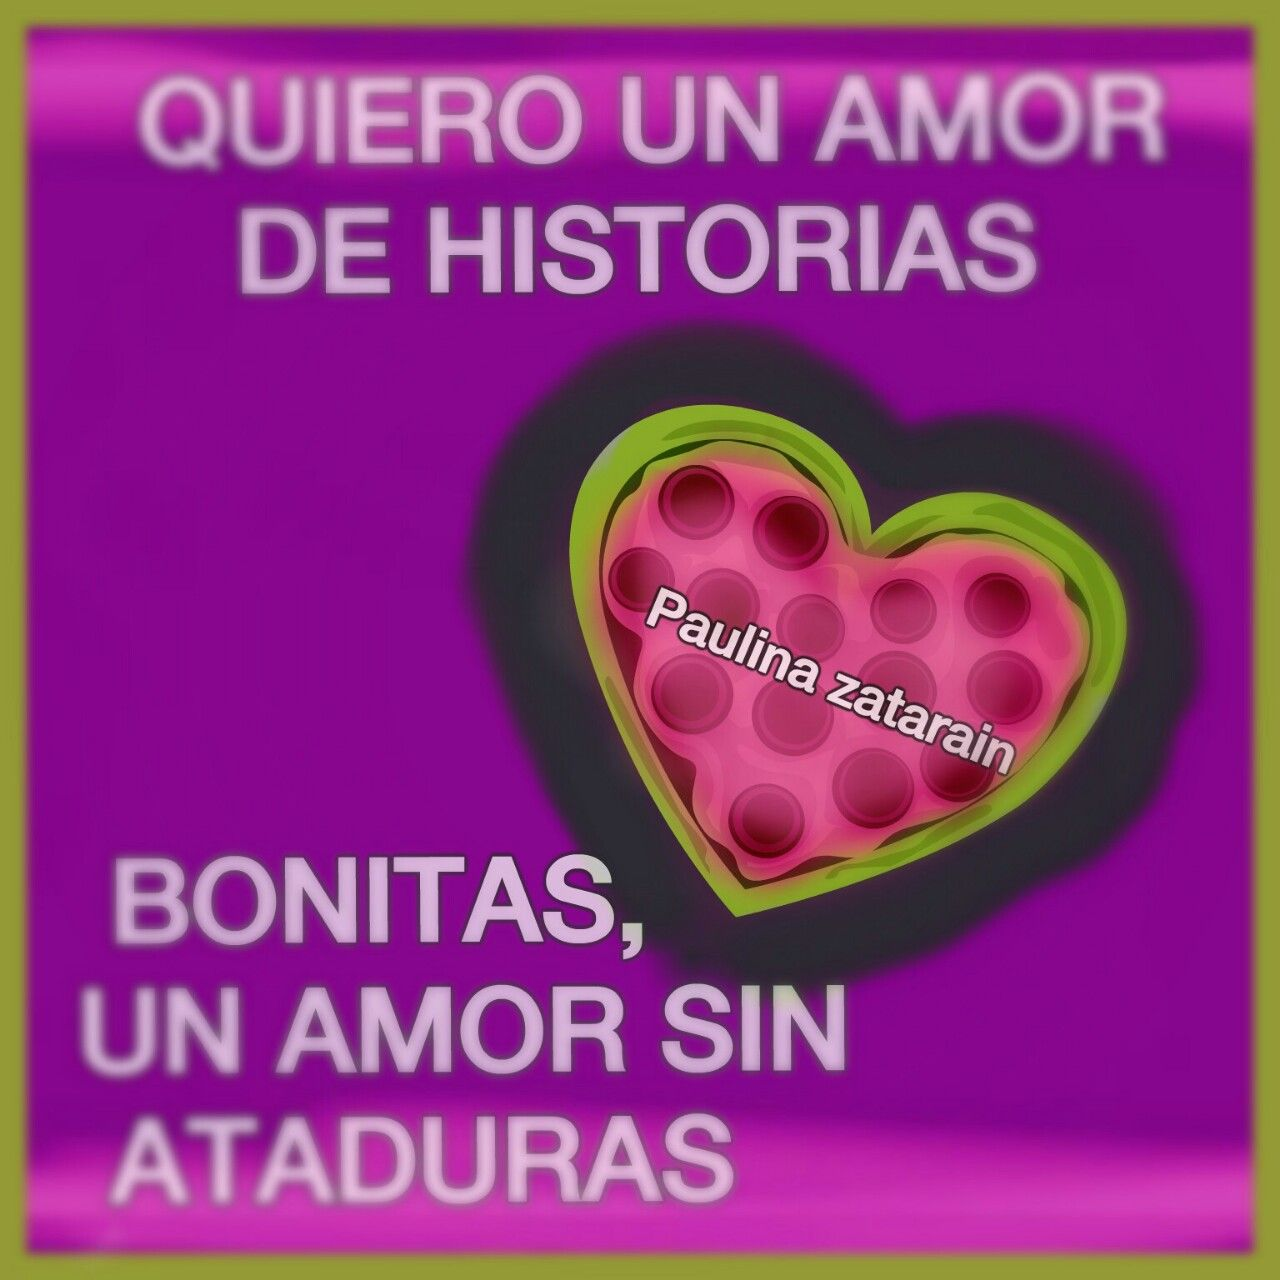 QUIERO UN AMOR DE HISTORIAS BONITAS UN AMOR SIN ATADURAS…… Paulina zatarain